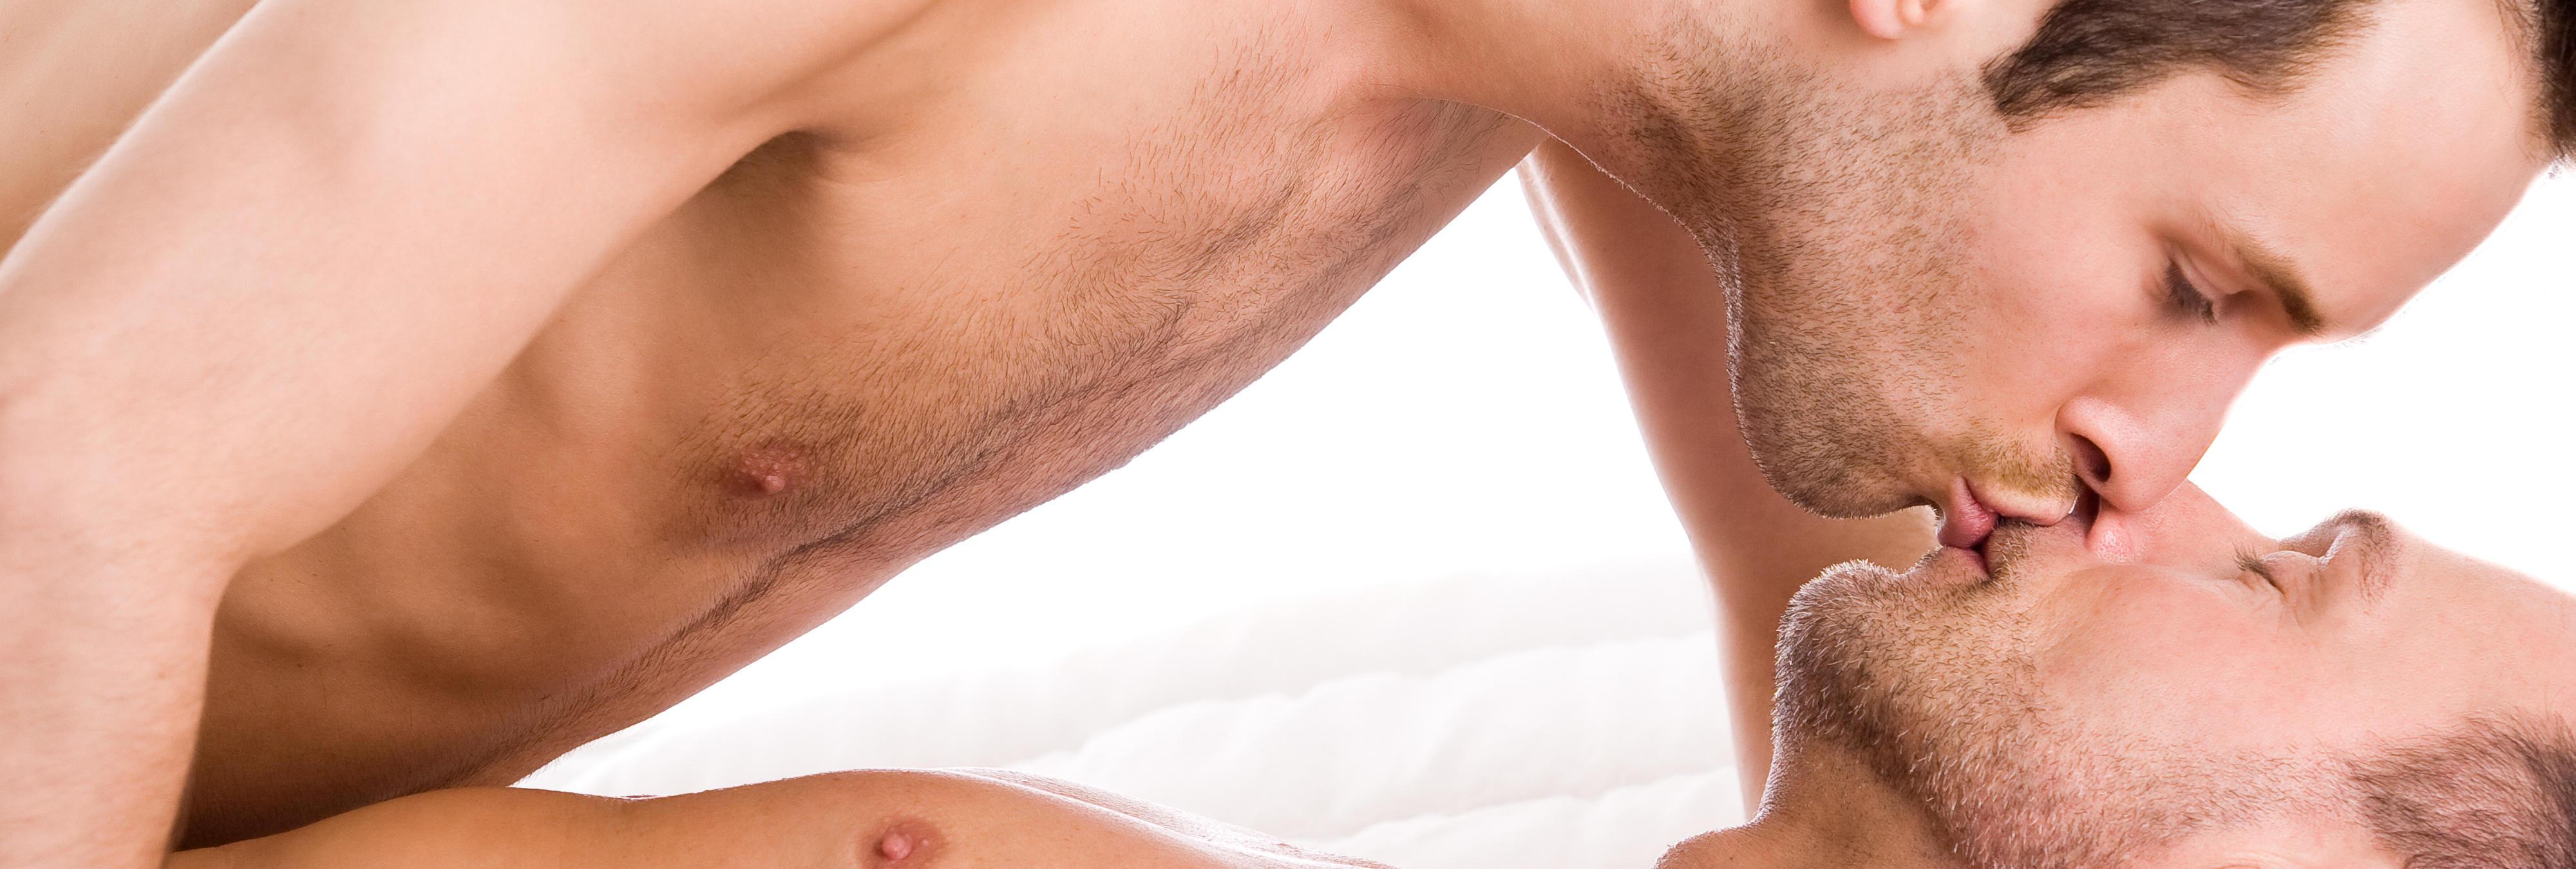 Un estudio demuestra que cuanto más se emborrachan los heteros, más homosexuales se vuelven